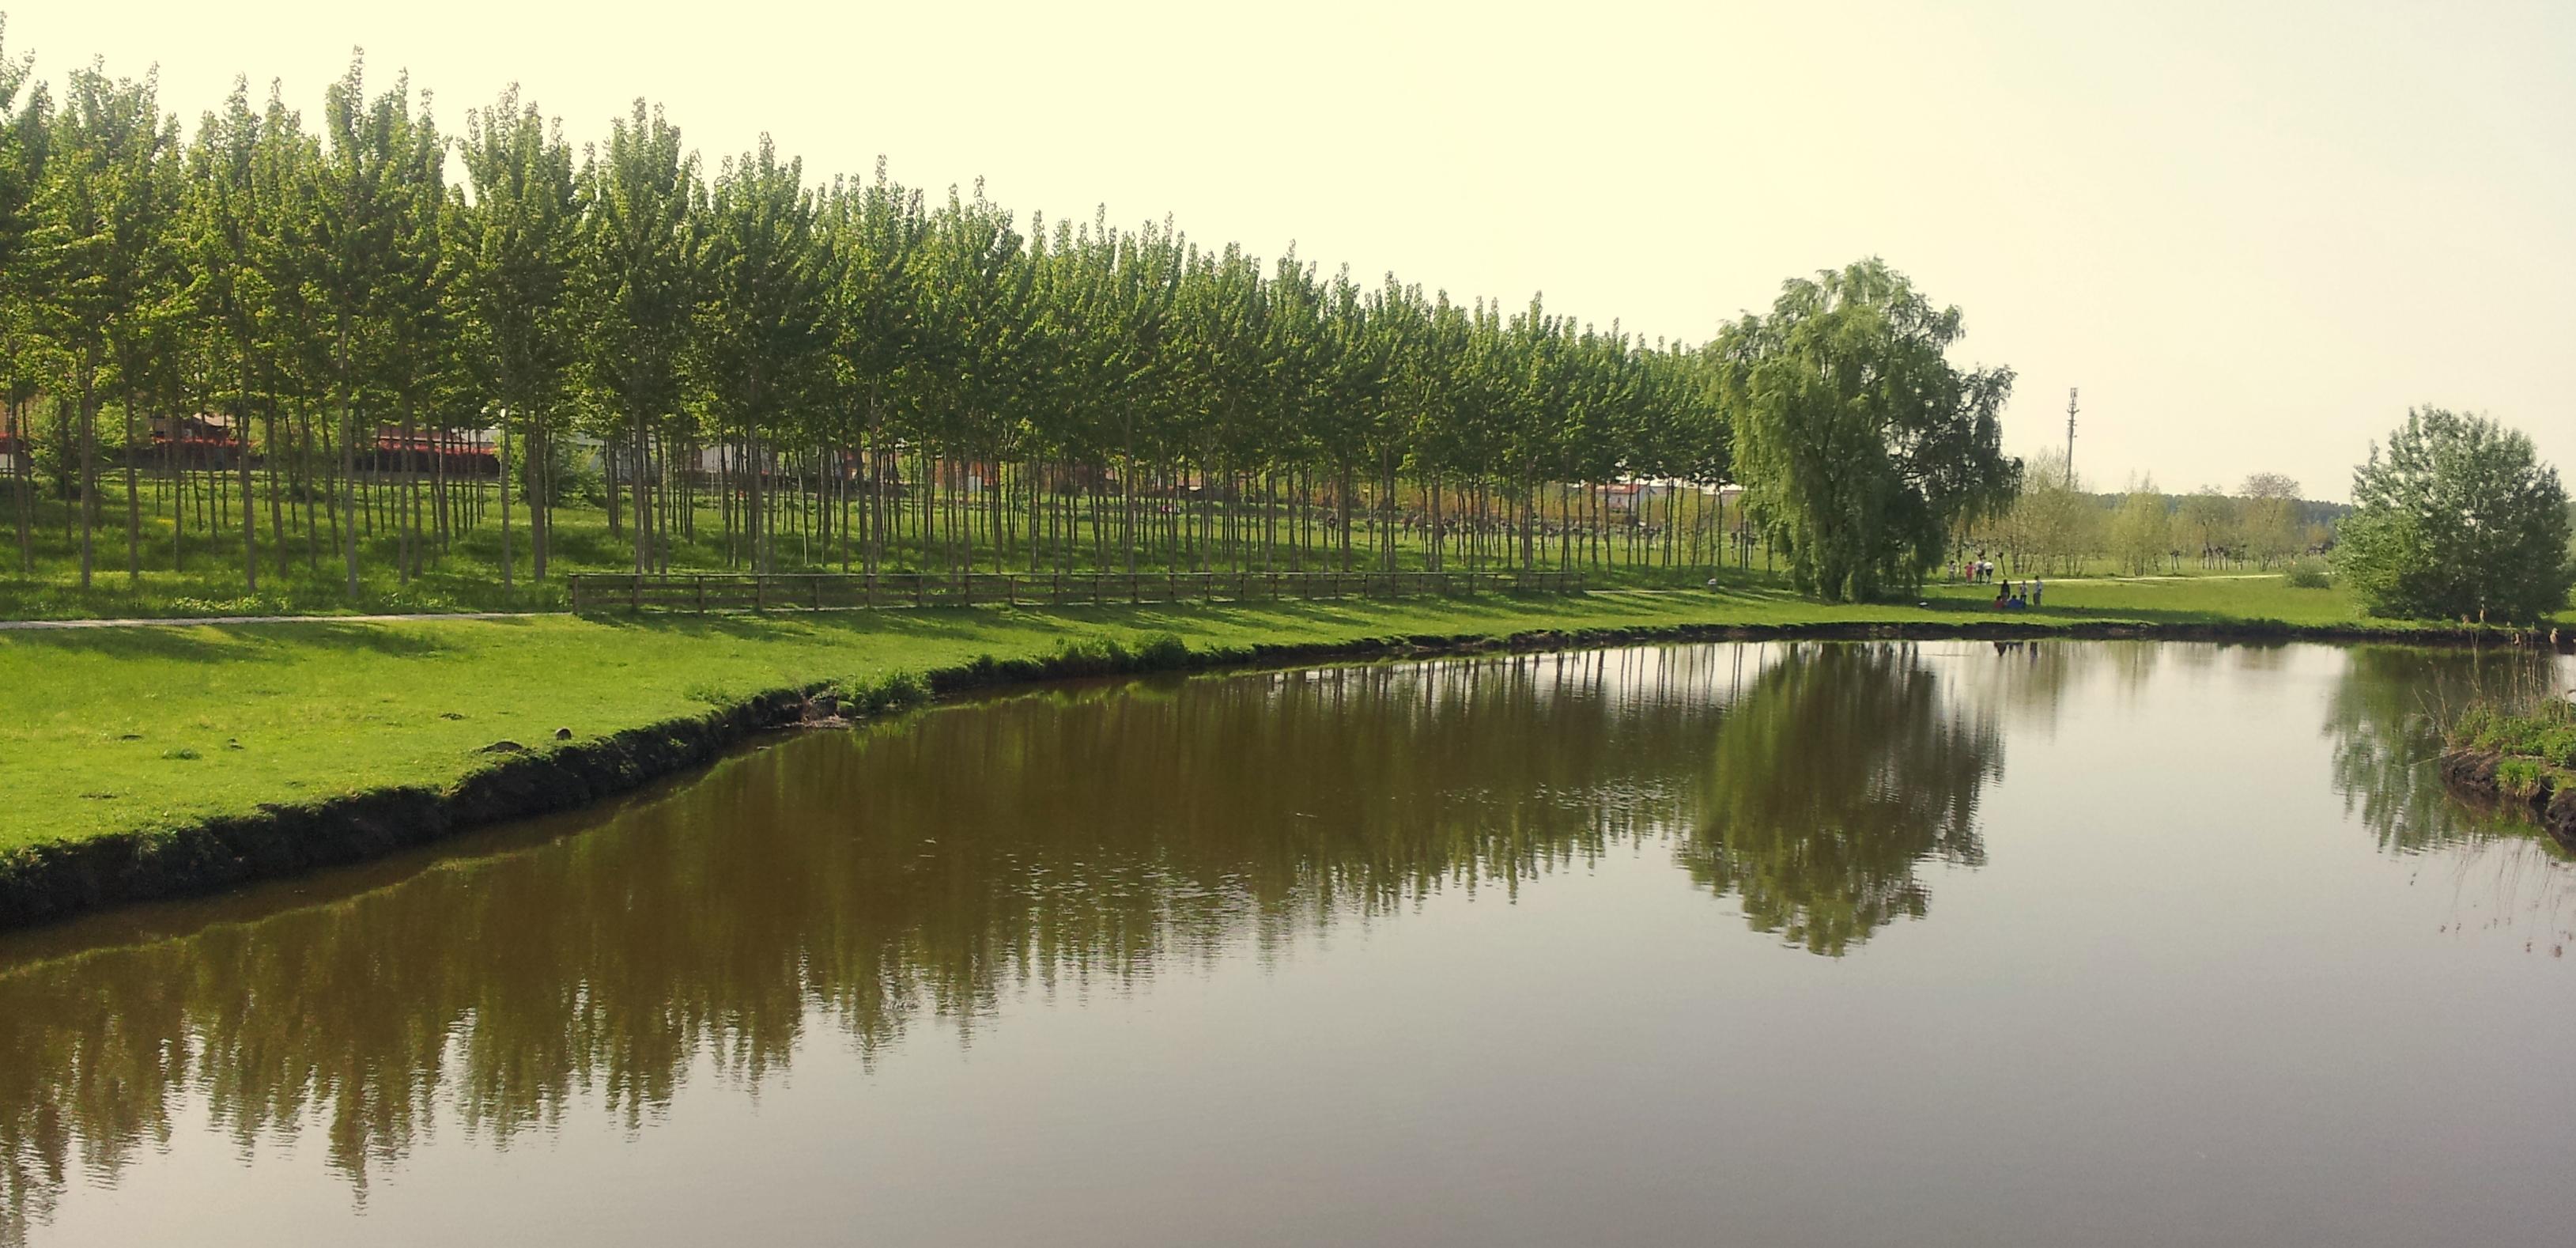 Parco vallette